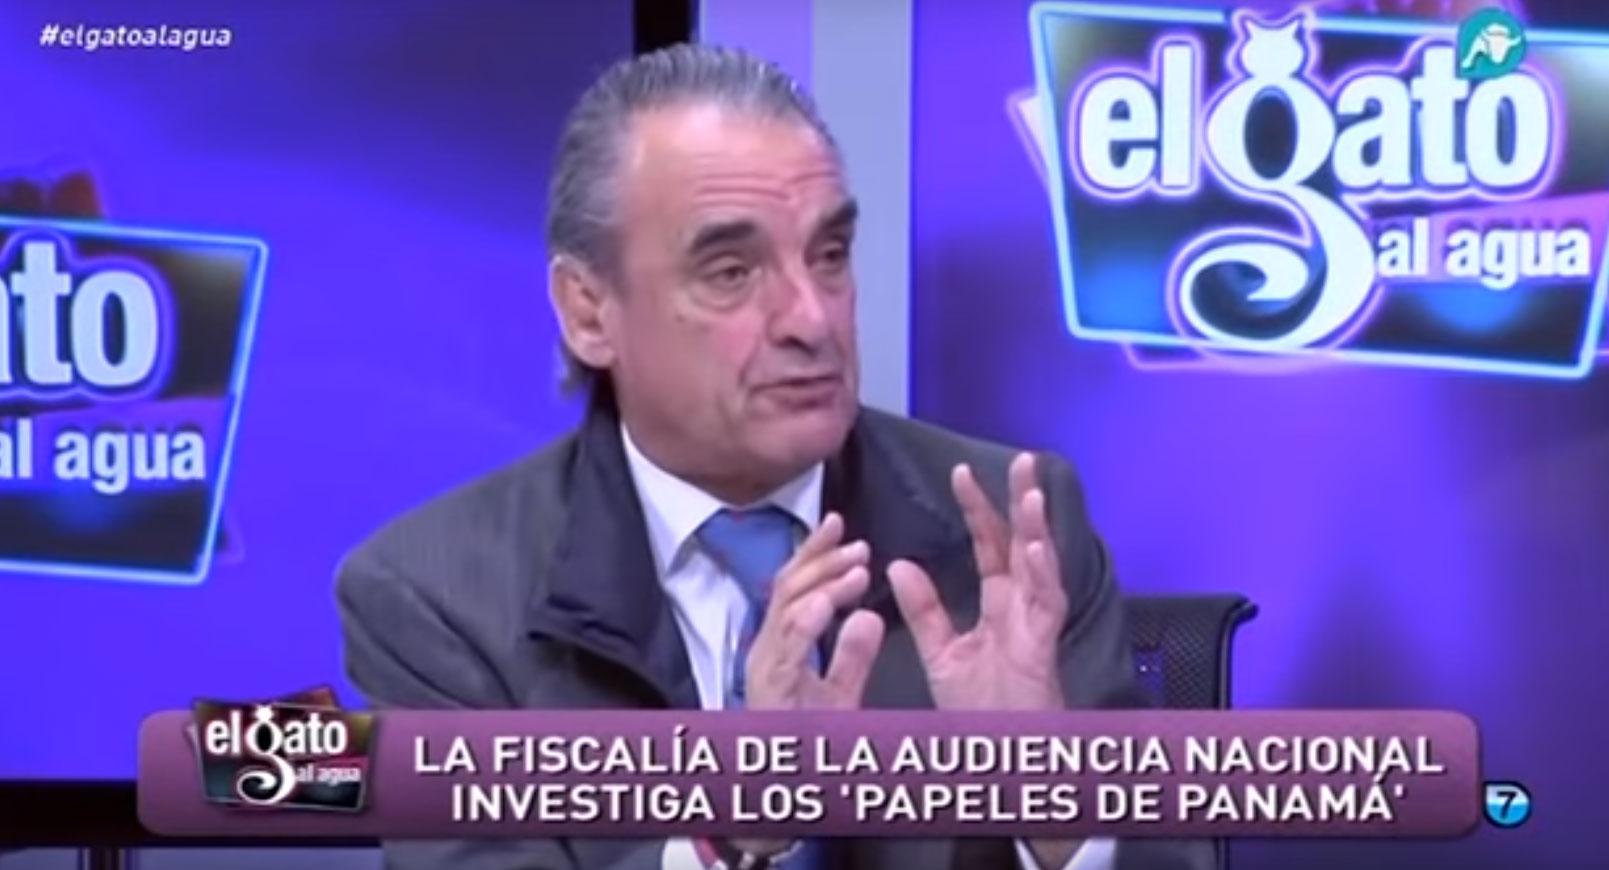 Mario Conde daba lecciones sobre paraísos fiscales hace una semana en Intereconomía